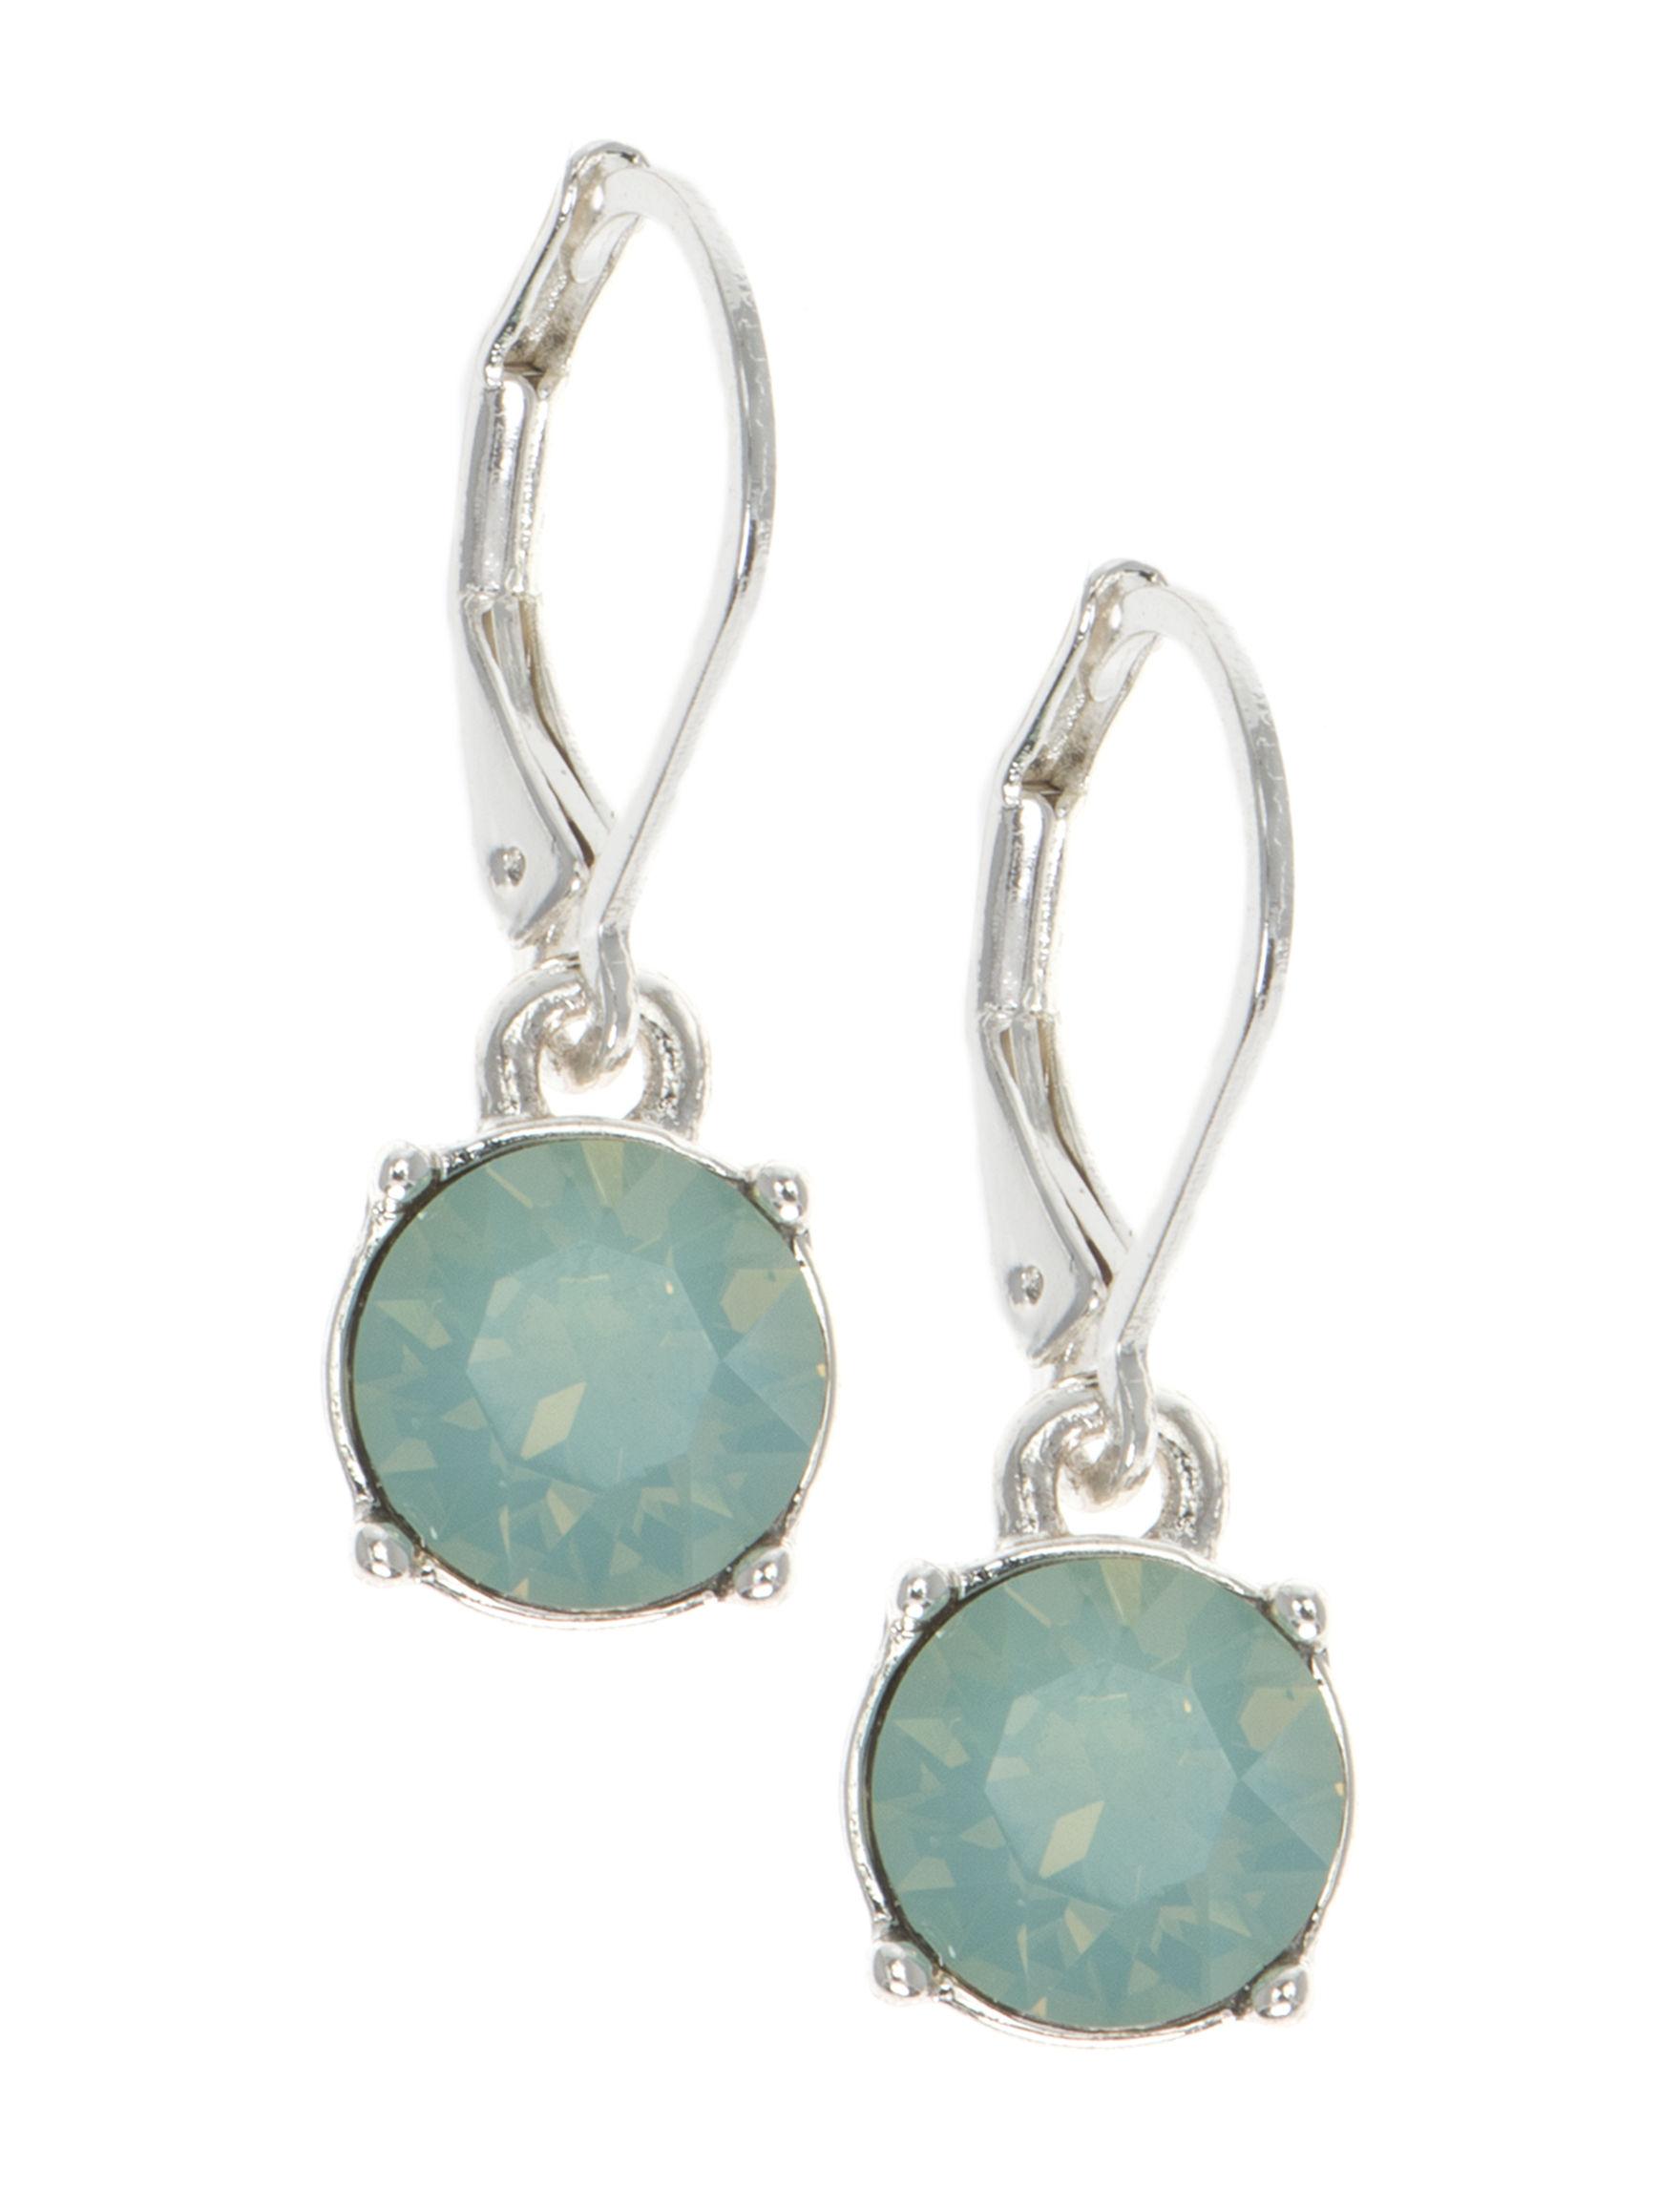 Gloria Vanderbilt Silver Drops Earrings Fashion Jewelry